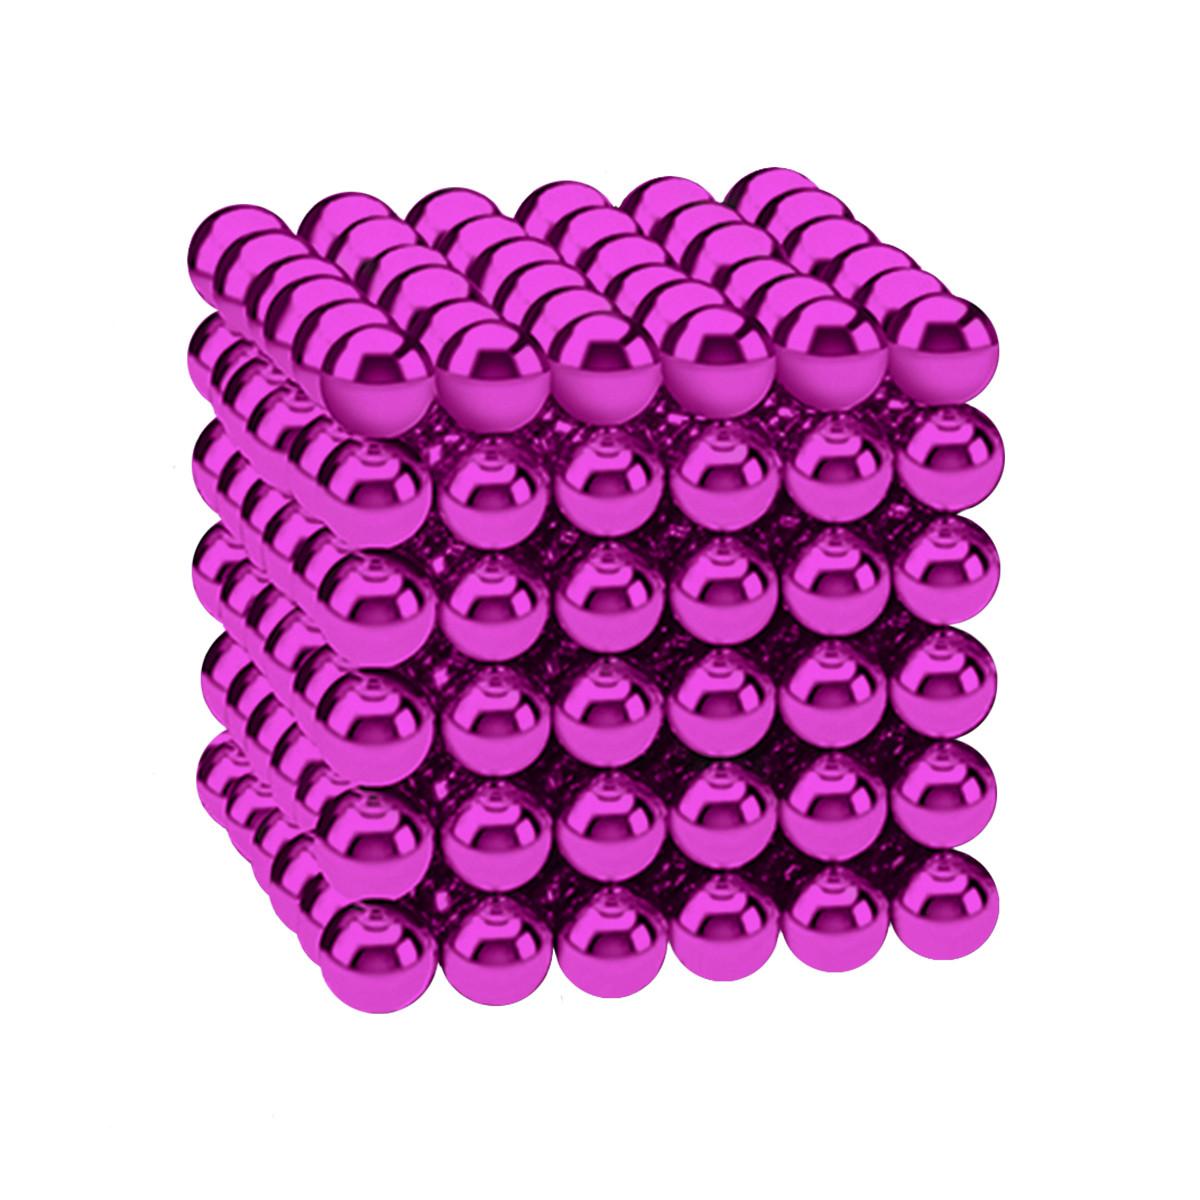 Магнитные шарики-головоломка SKY NEOCUBE (D5) комплект (216 шт) Pink